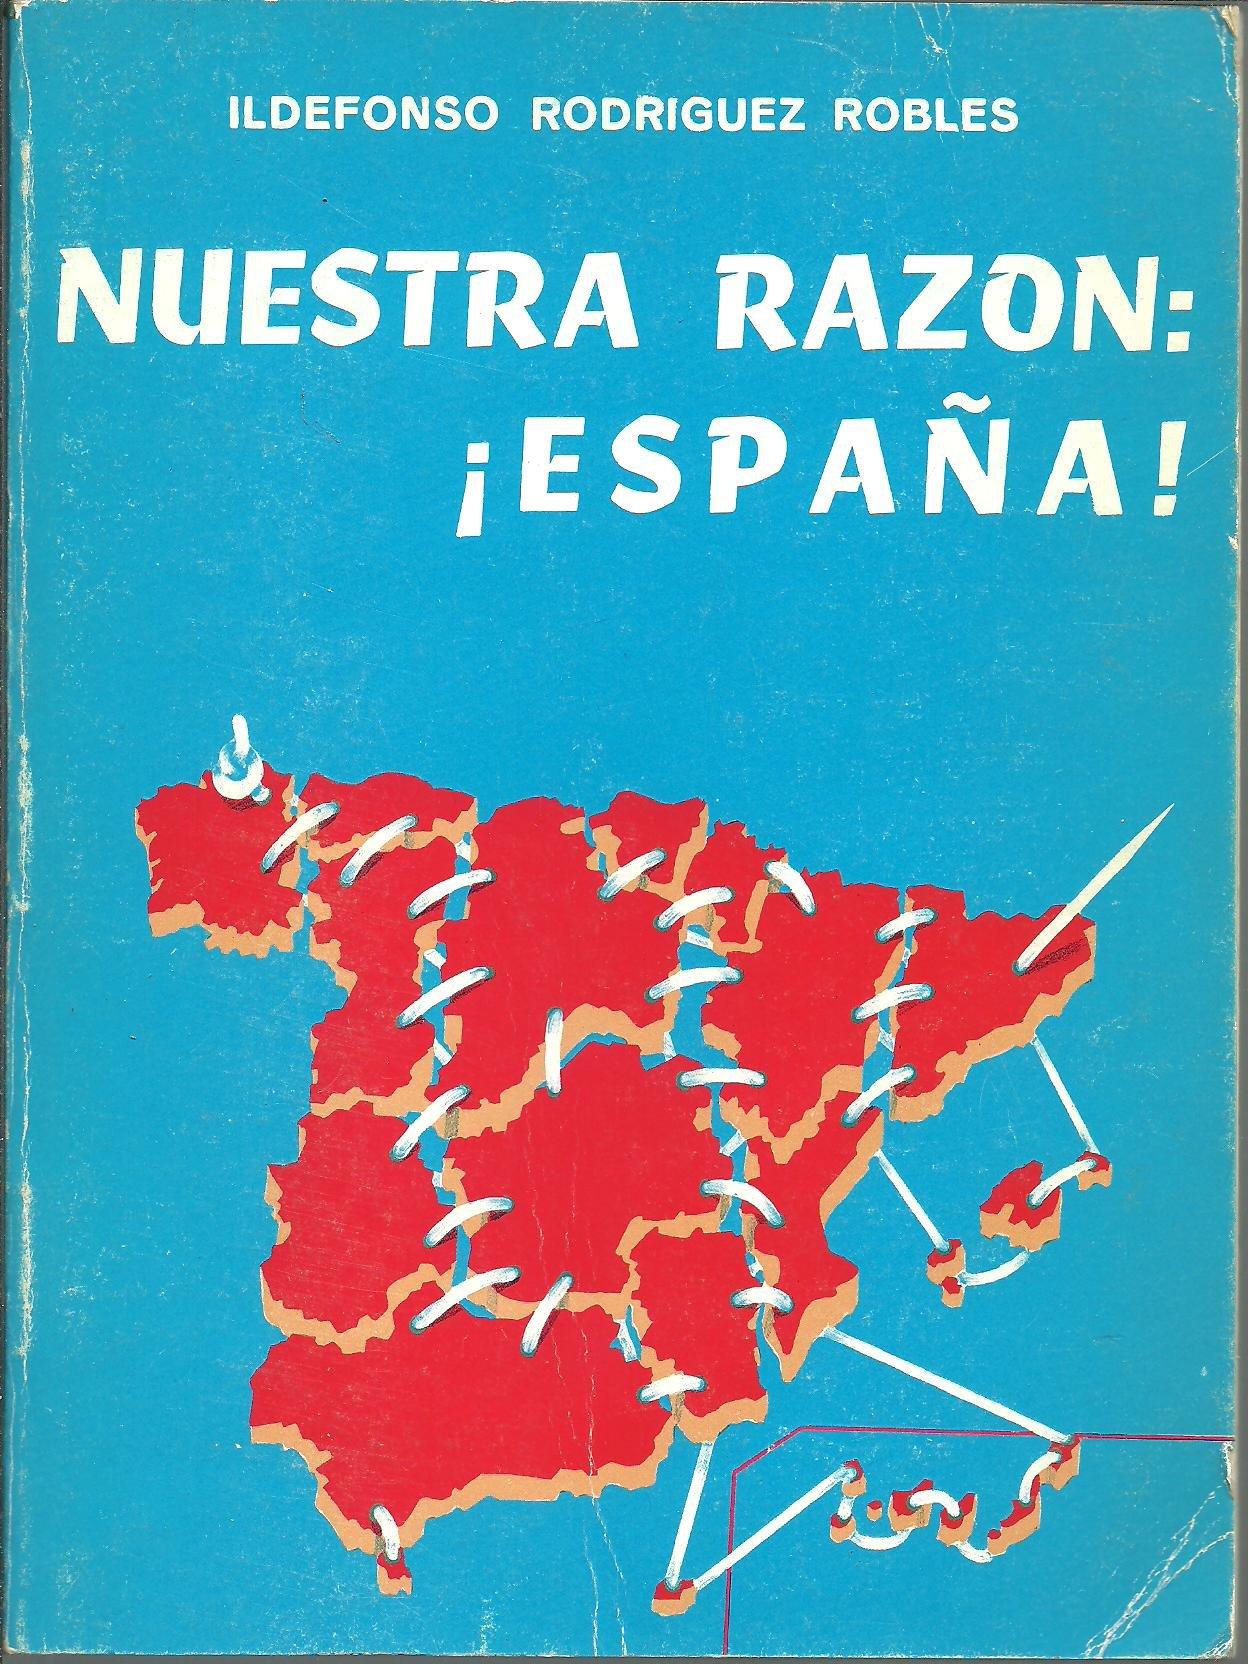 NUESTRA RAZON: ESPAÑA.: Amazon.es: Ildefonso Rodriguez Robles: Libros